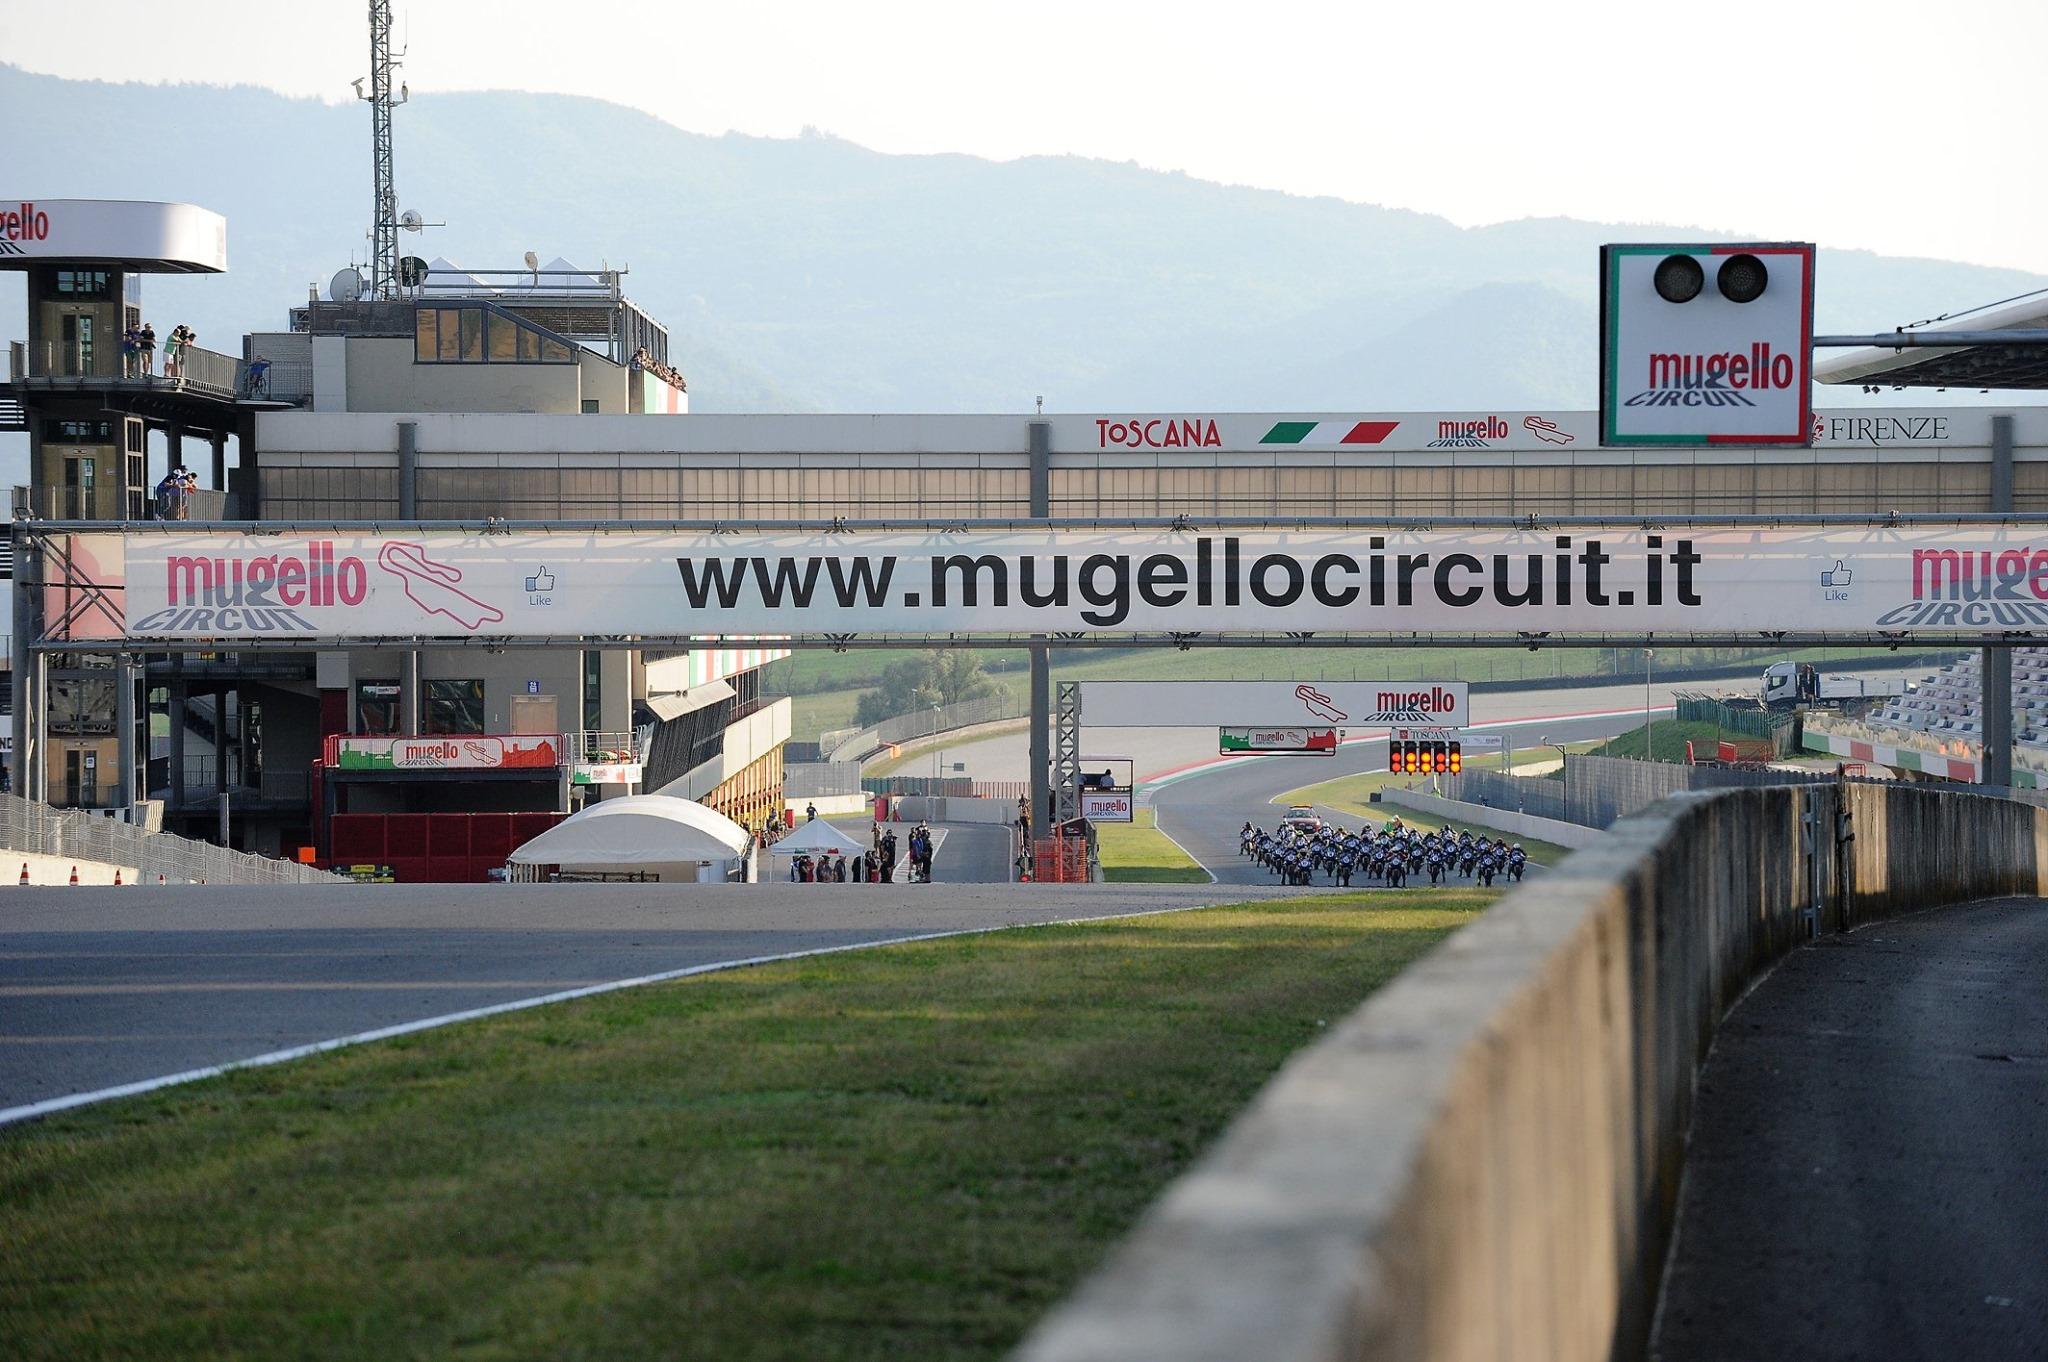 Coppa Italia 3rd Round - Mugello